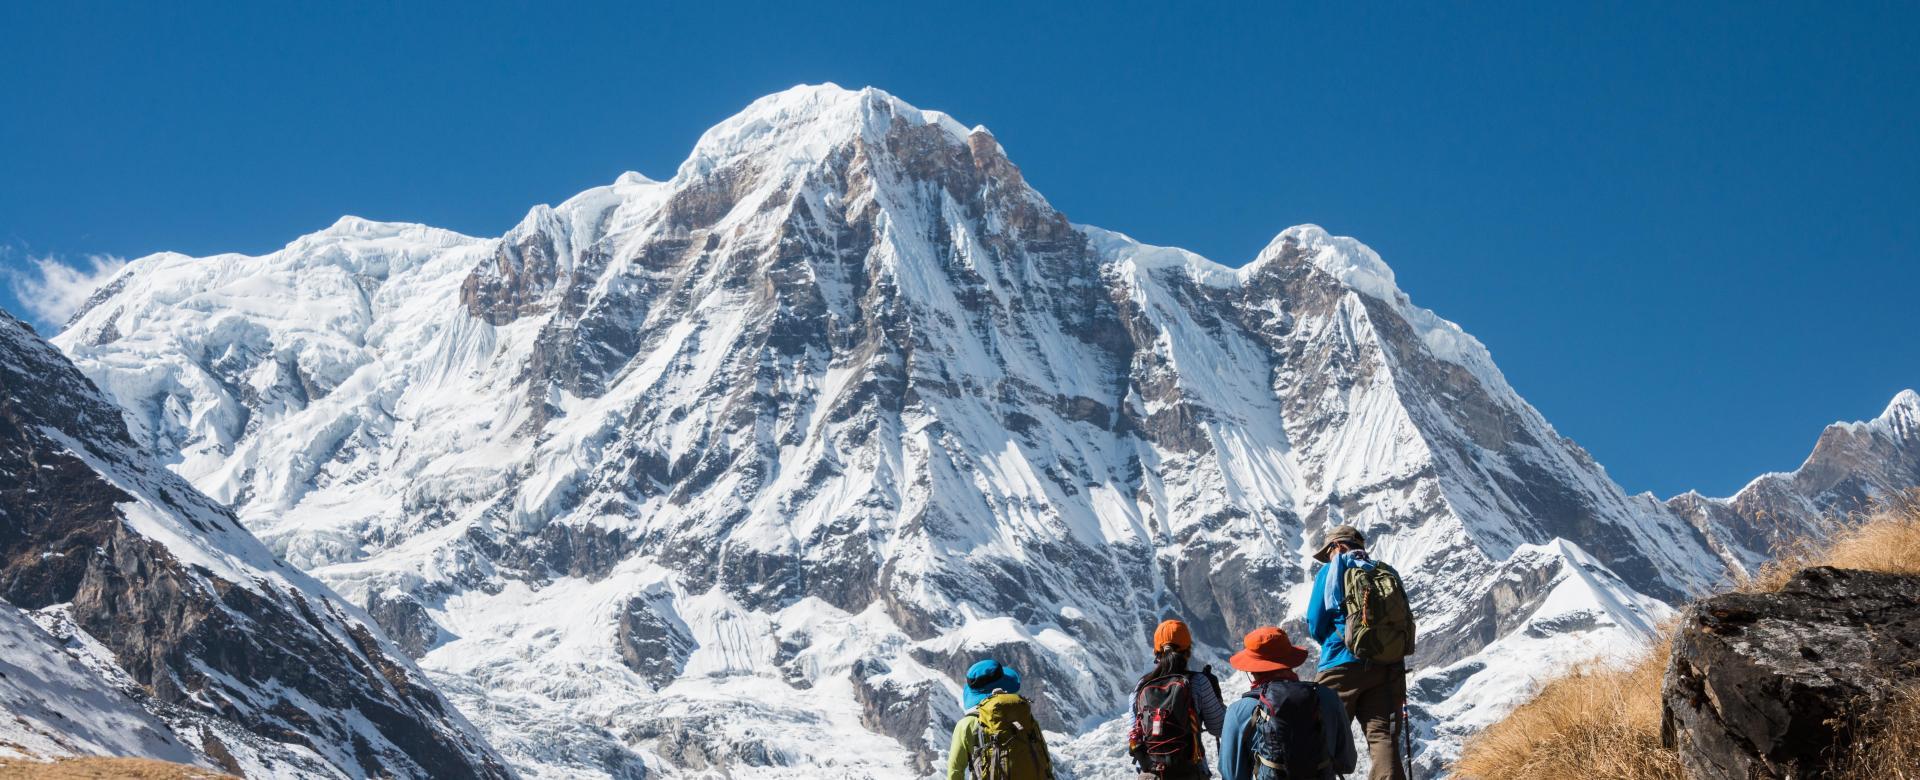 Voyage à pied : La haute route des annapurnas